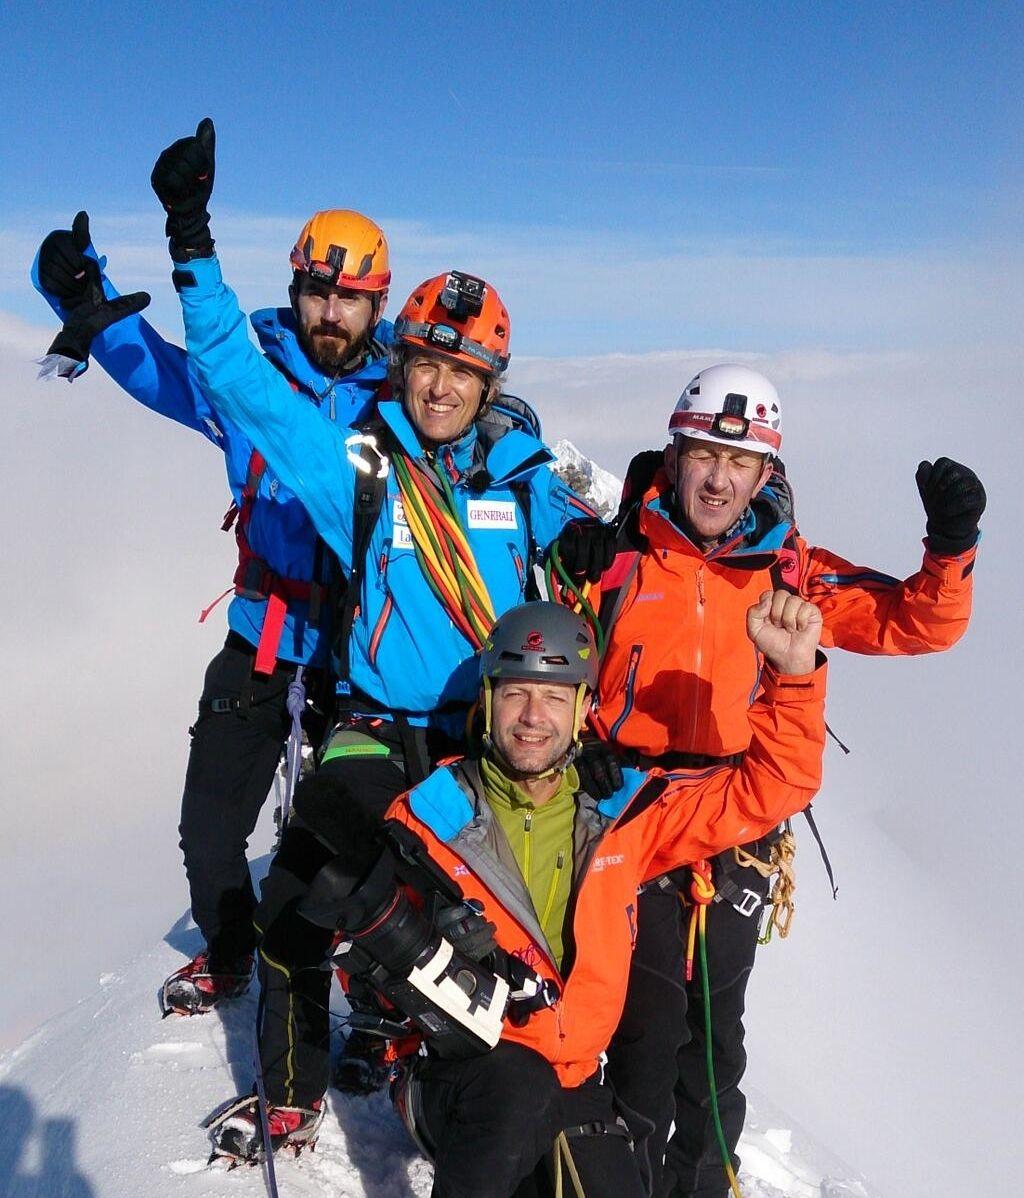 """Santi Millán: """"¡Llegar a la cima del Monte Cervino es espectacular!"""""""